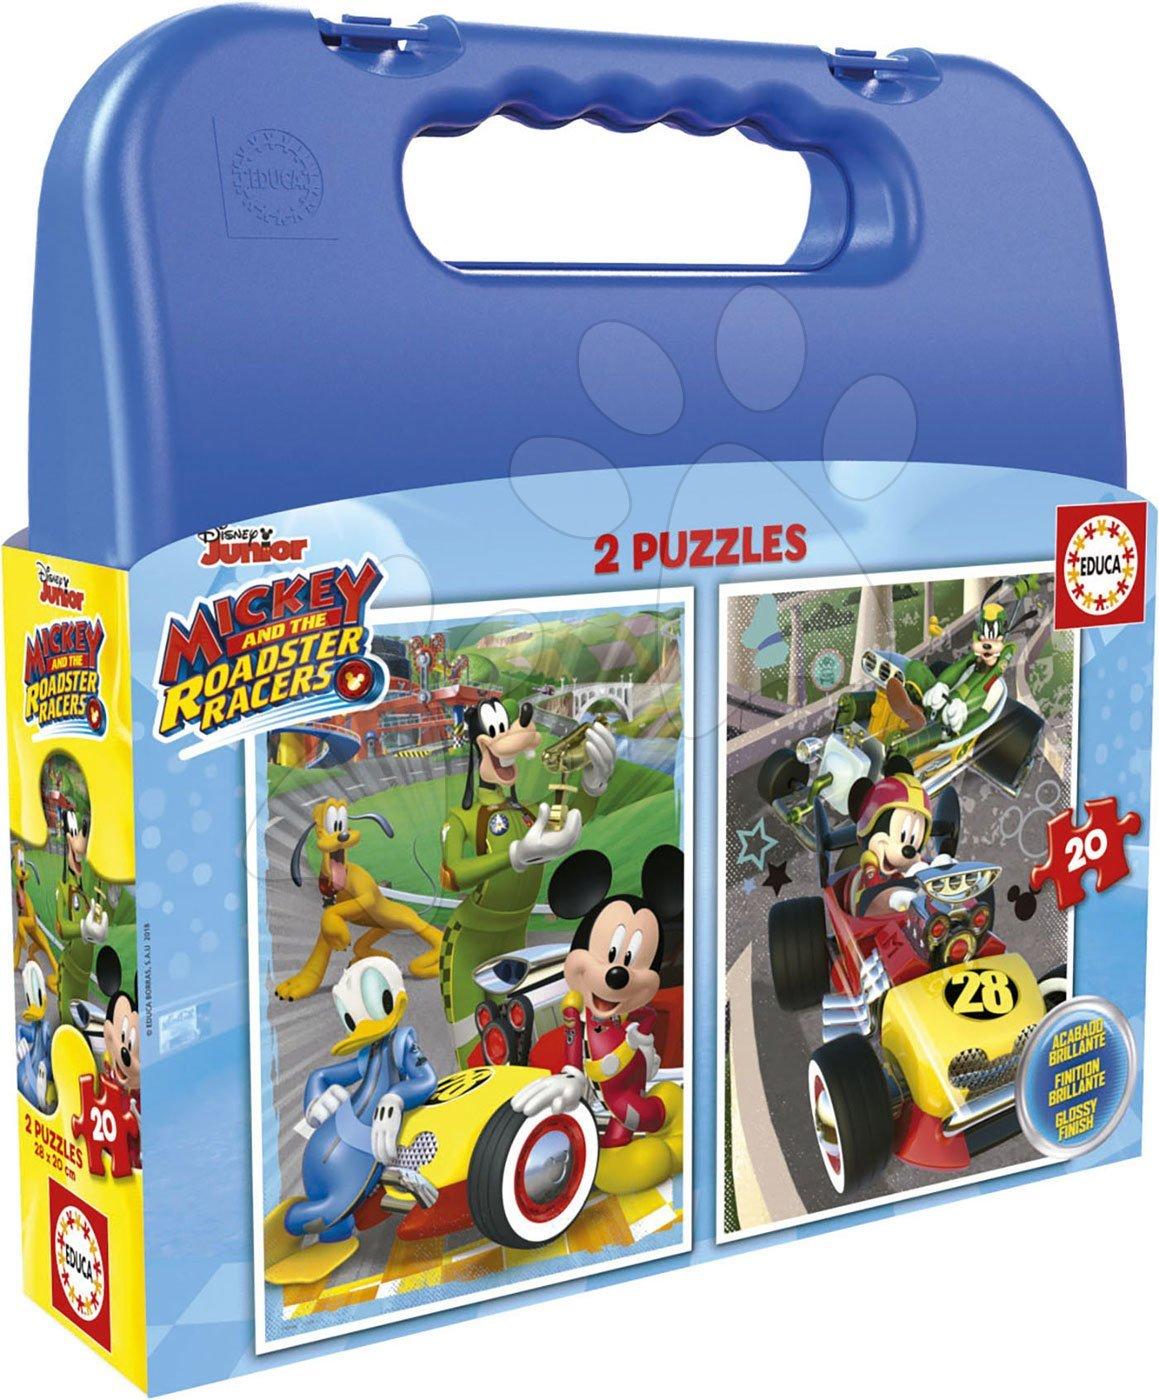 Puzzle v kufříku Mickey roadster racers Case Educa 2x20 dílů od 4 let